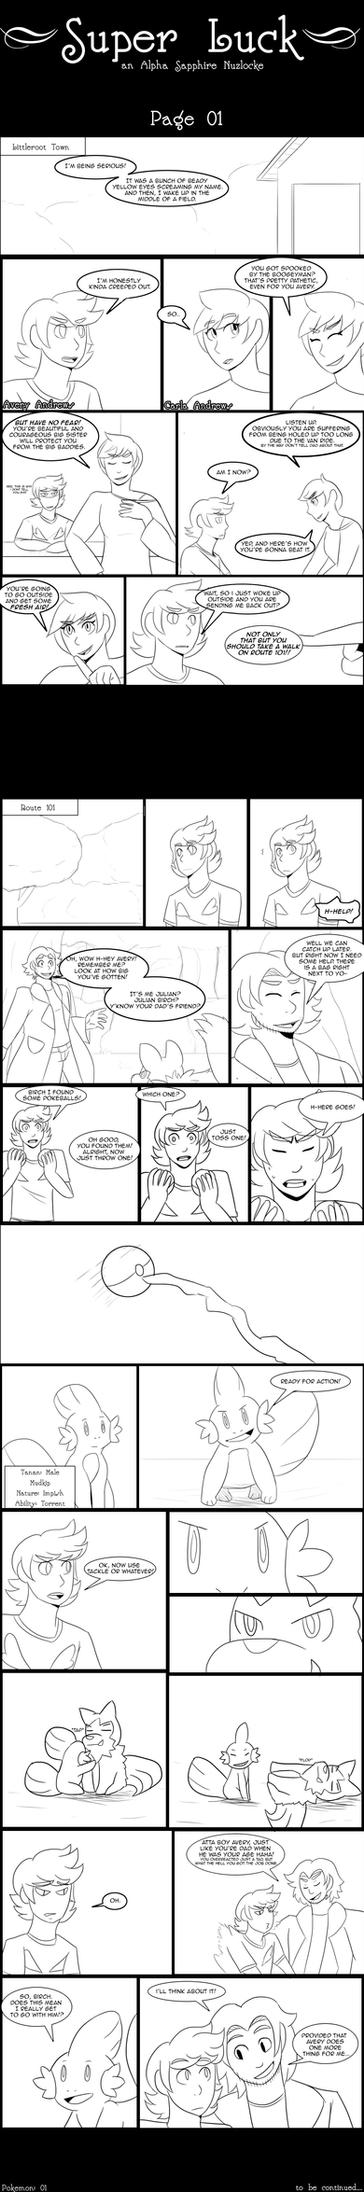 SL - Page 01 by KumaTeddi